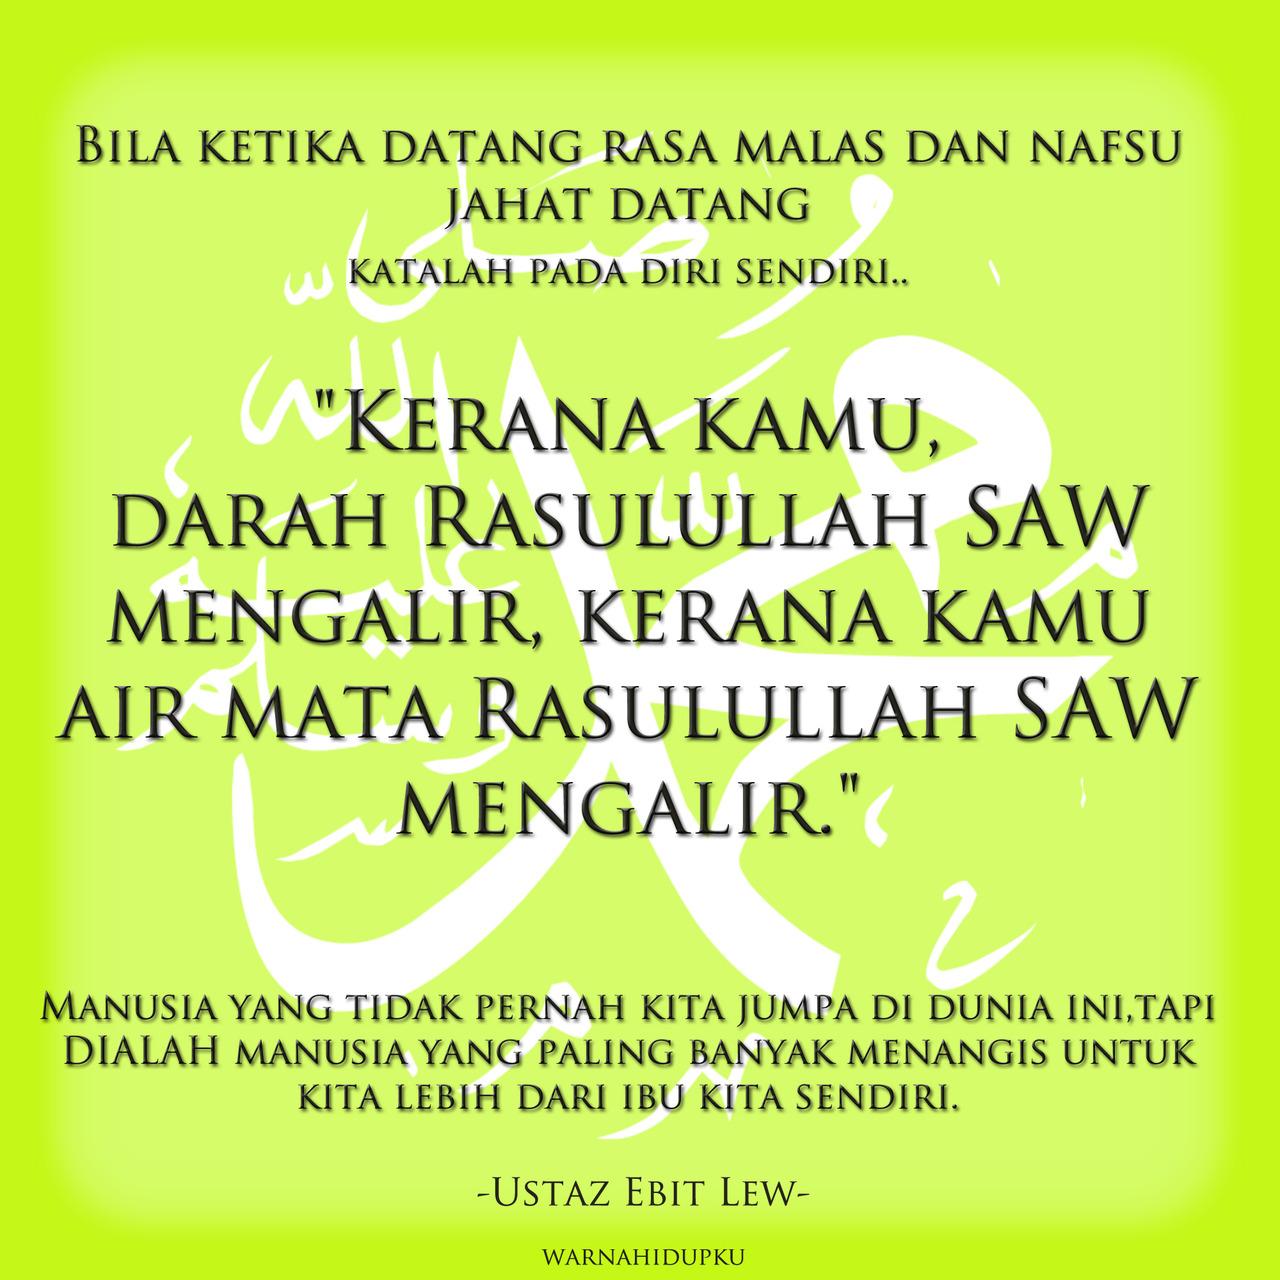 Malunya Kita Dengan Rasulullah... ~ Hidup Biar Best :)